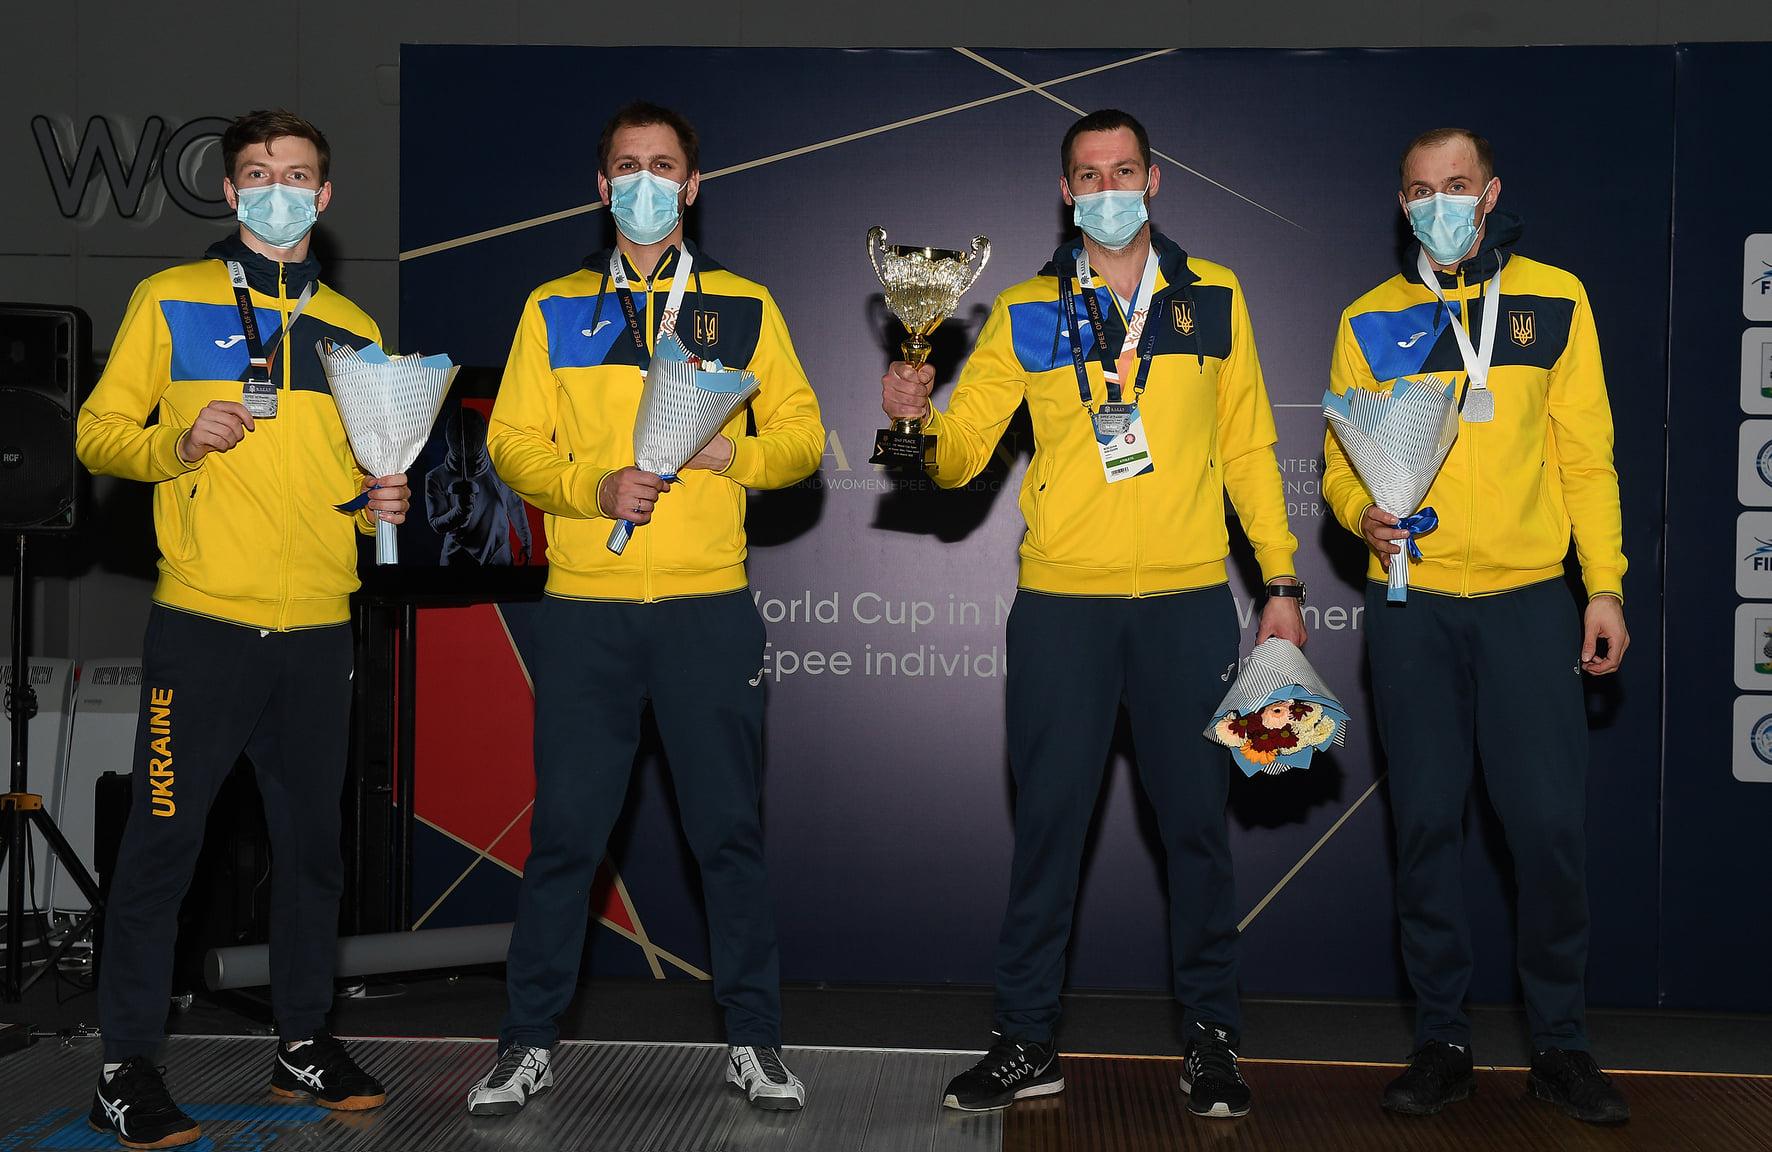 КС 2021: Шпажисти здобувають срібло Кубка світу і командну путівку на Олімпіаду